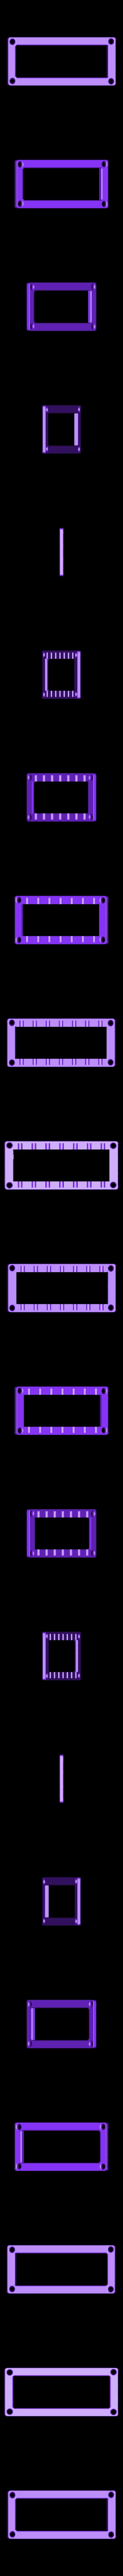 BaseFive_TopFrame.stl Download free STL file Base Five, Abacus, Soroban, そろばん, Suan Pan, 算盘 • 3D printing design, LGBU